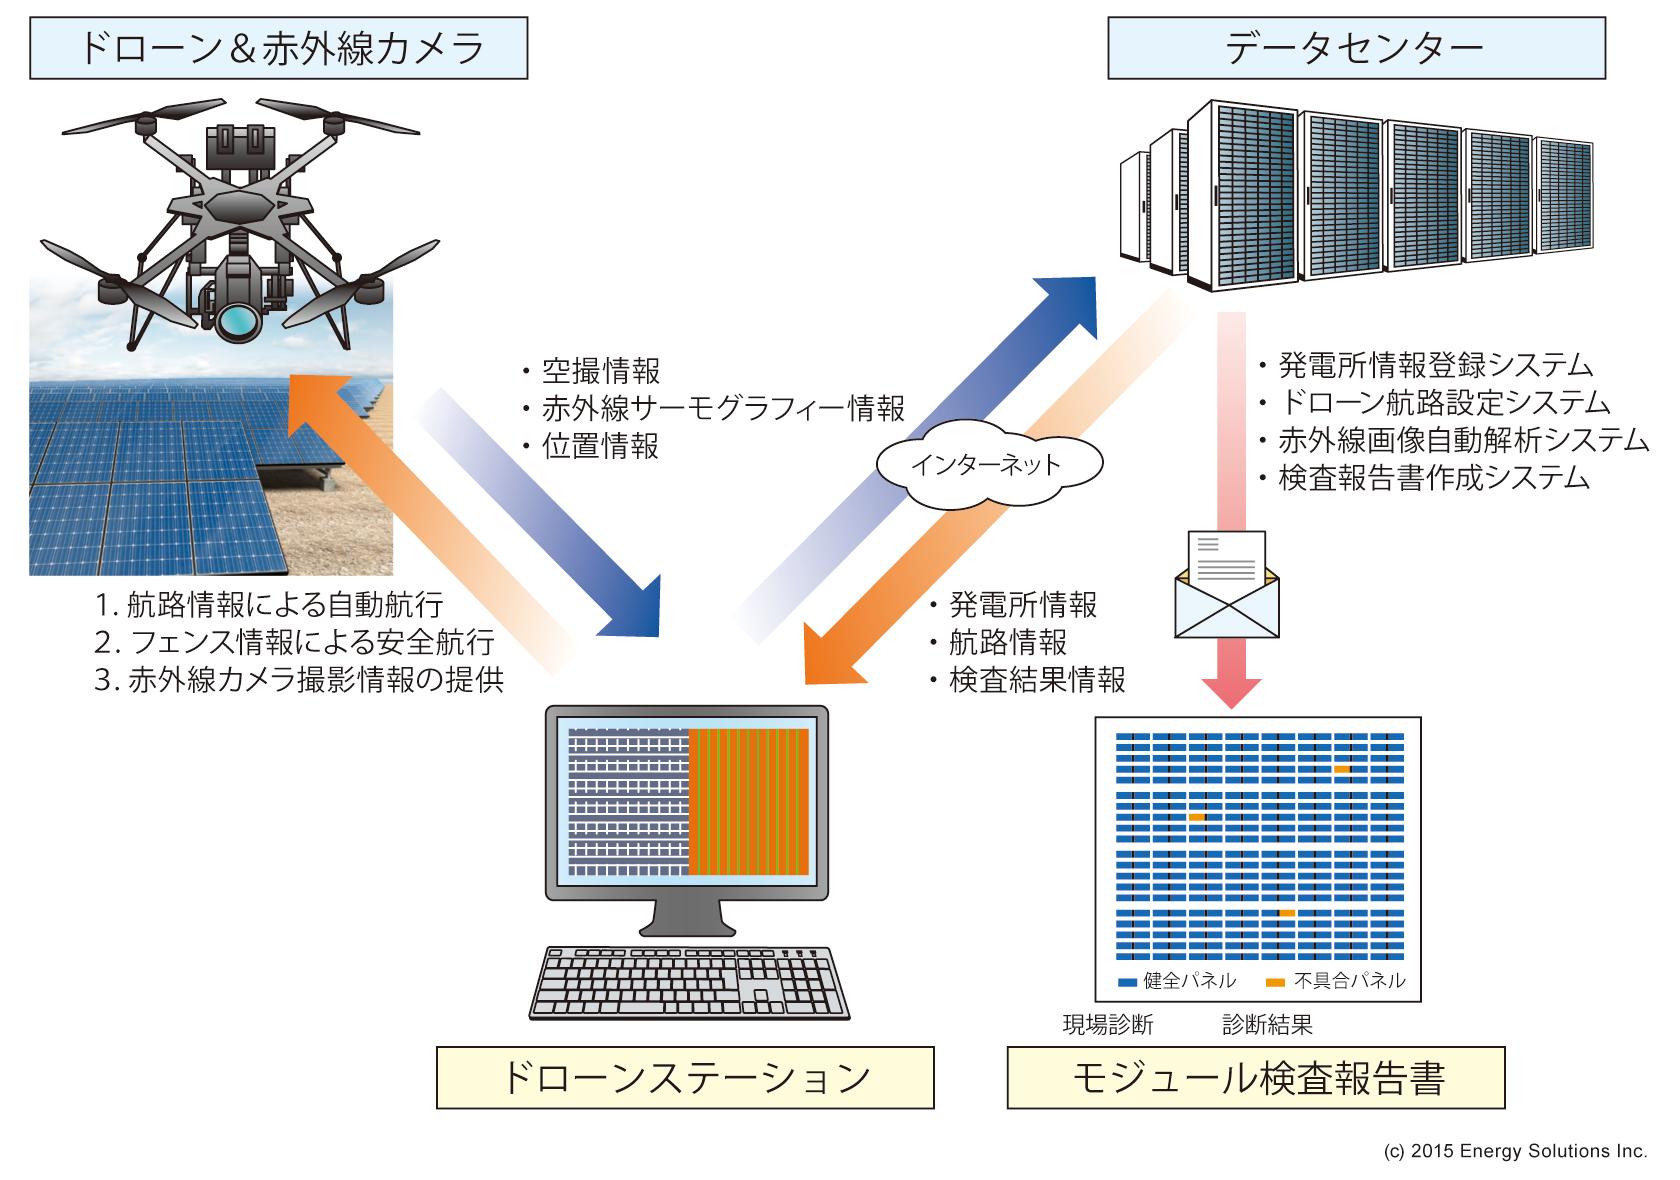 ソーラーモジュール検査